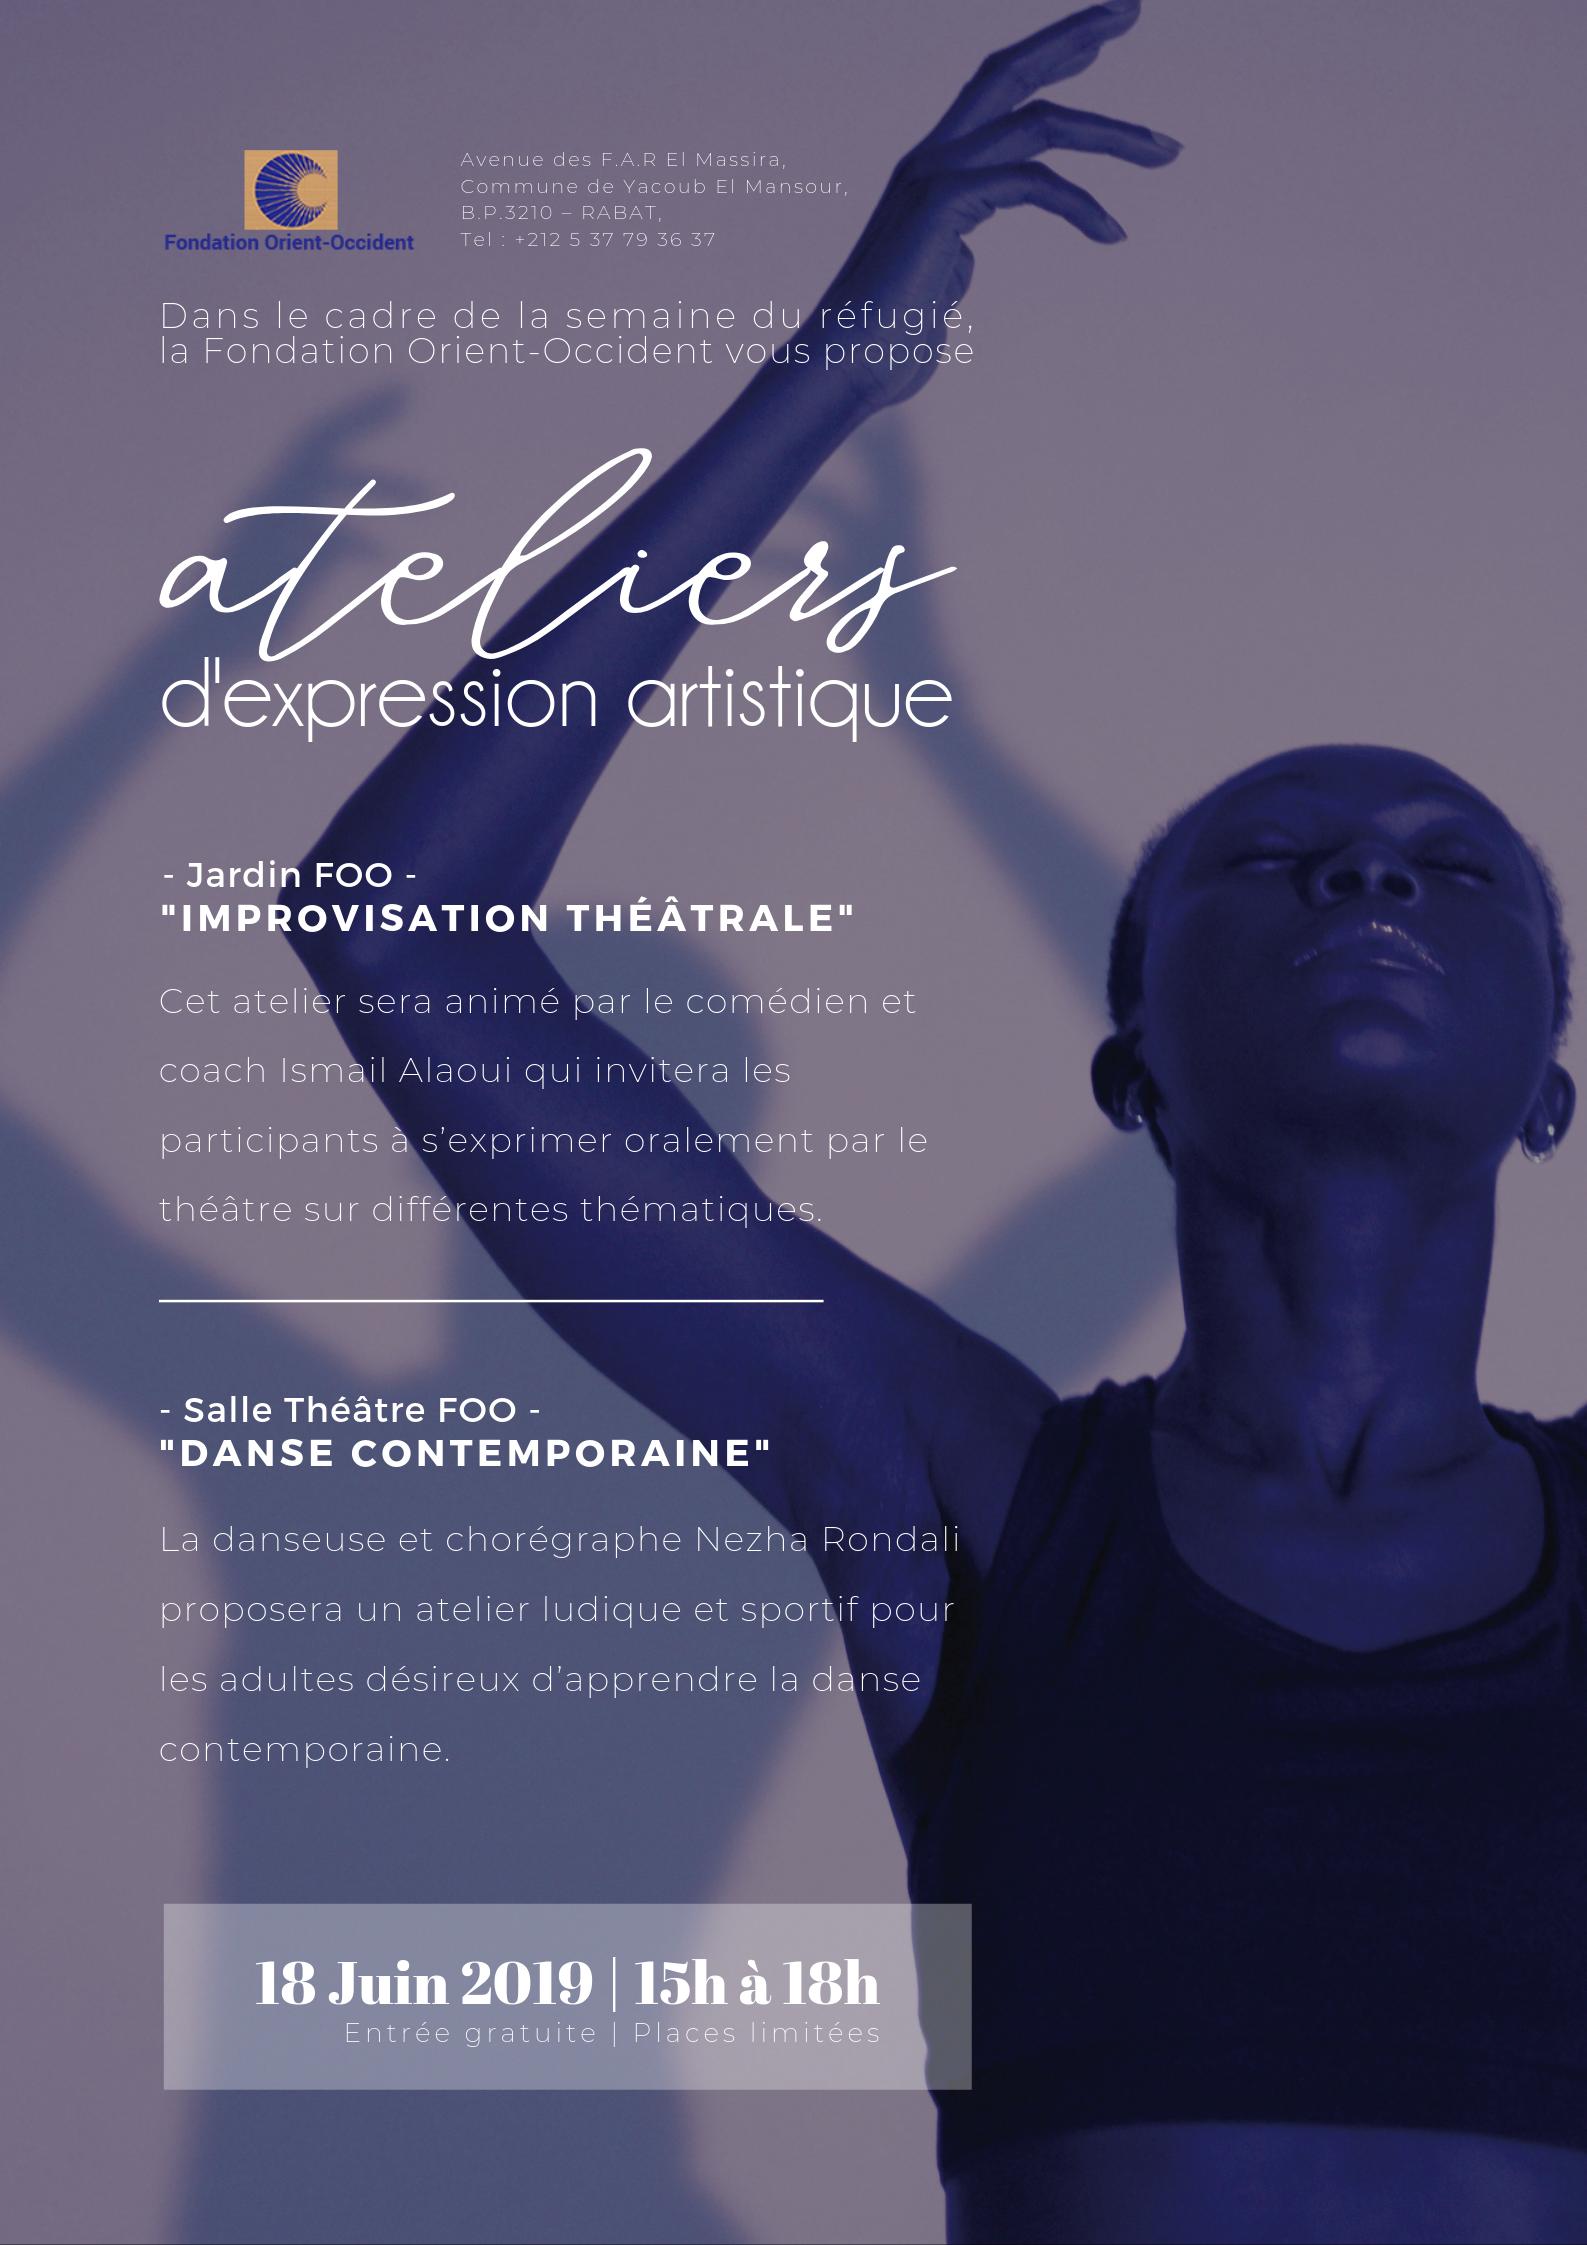 Ateliers danse et théâtre proposés par la Fondation à l'occasion de la Semaine du Réfugié